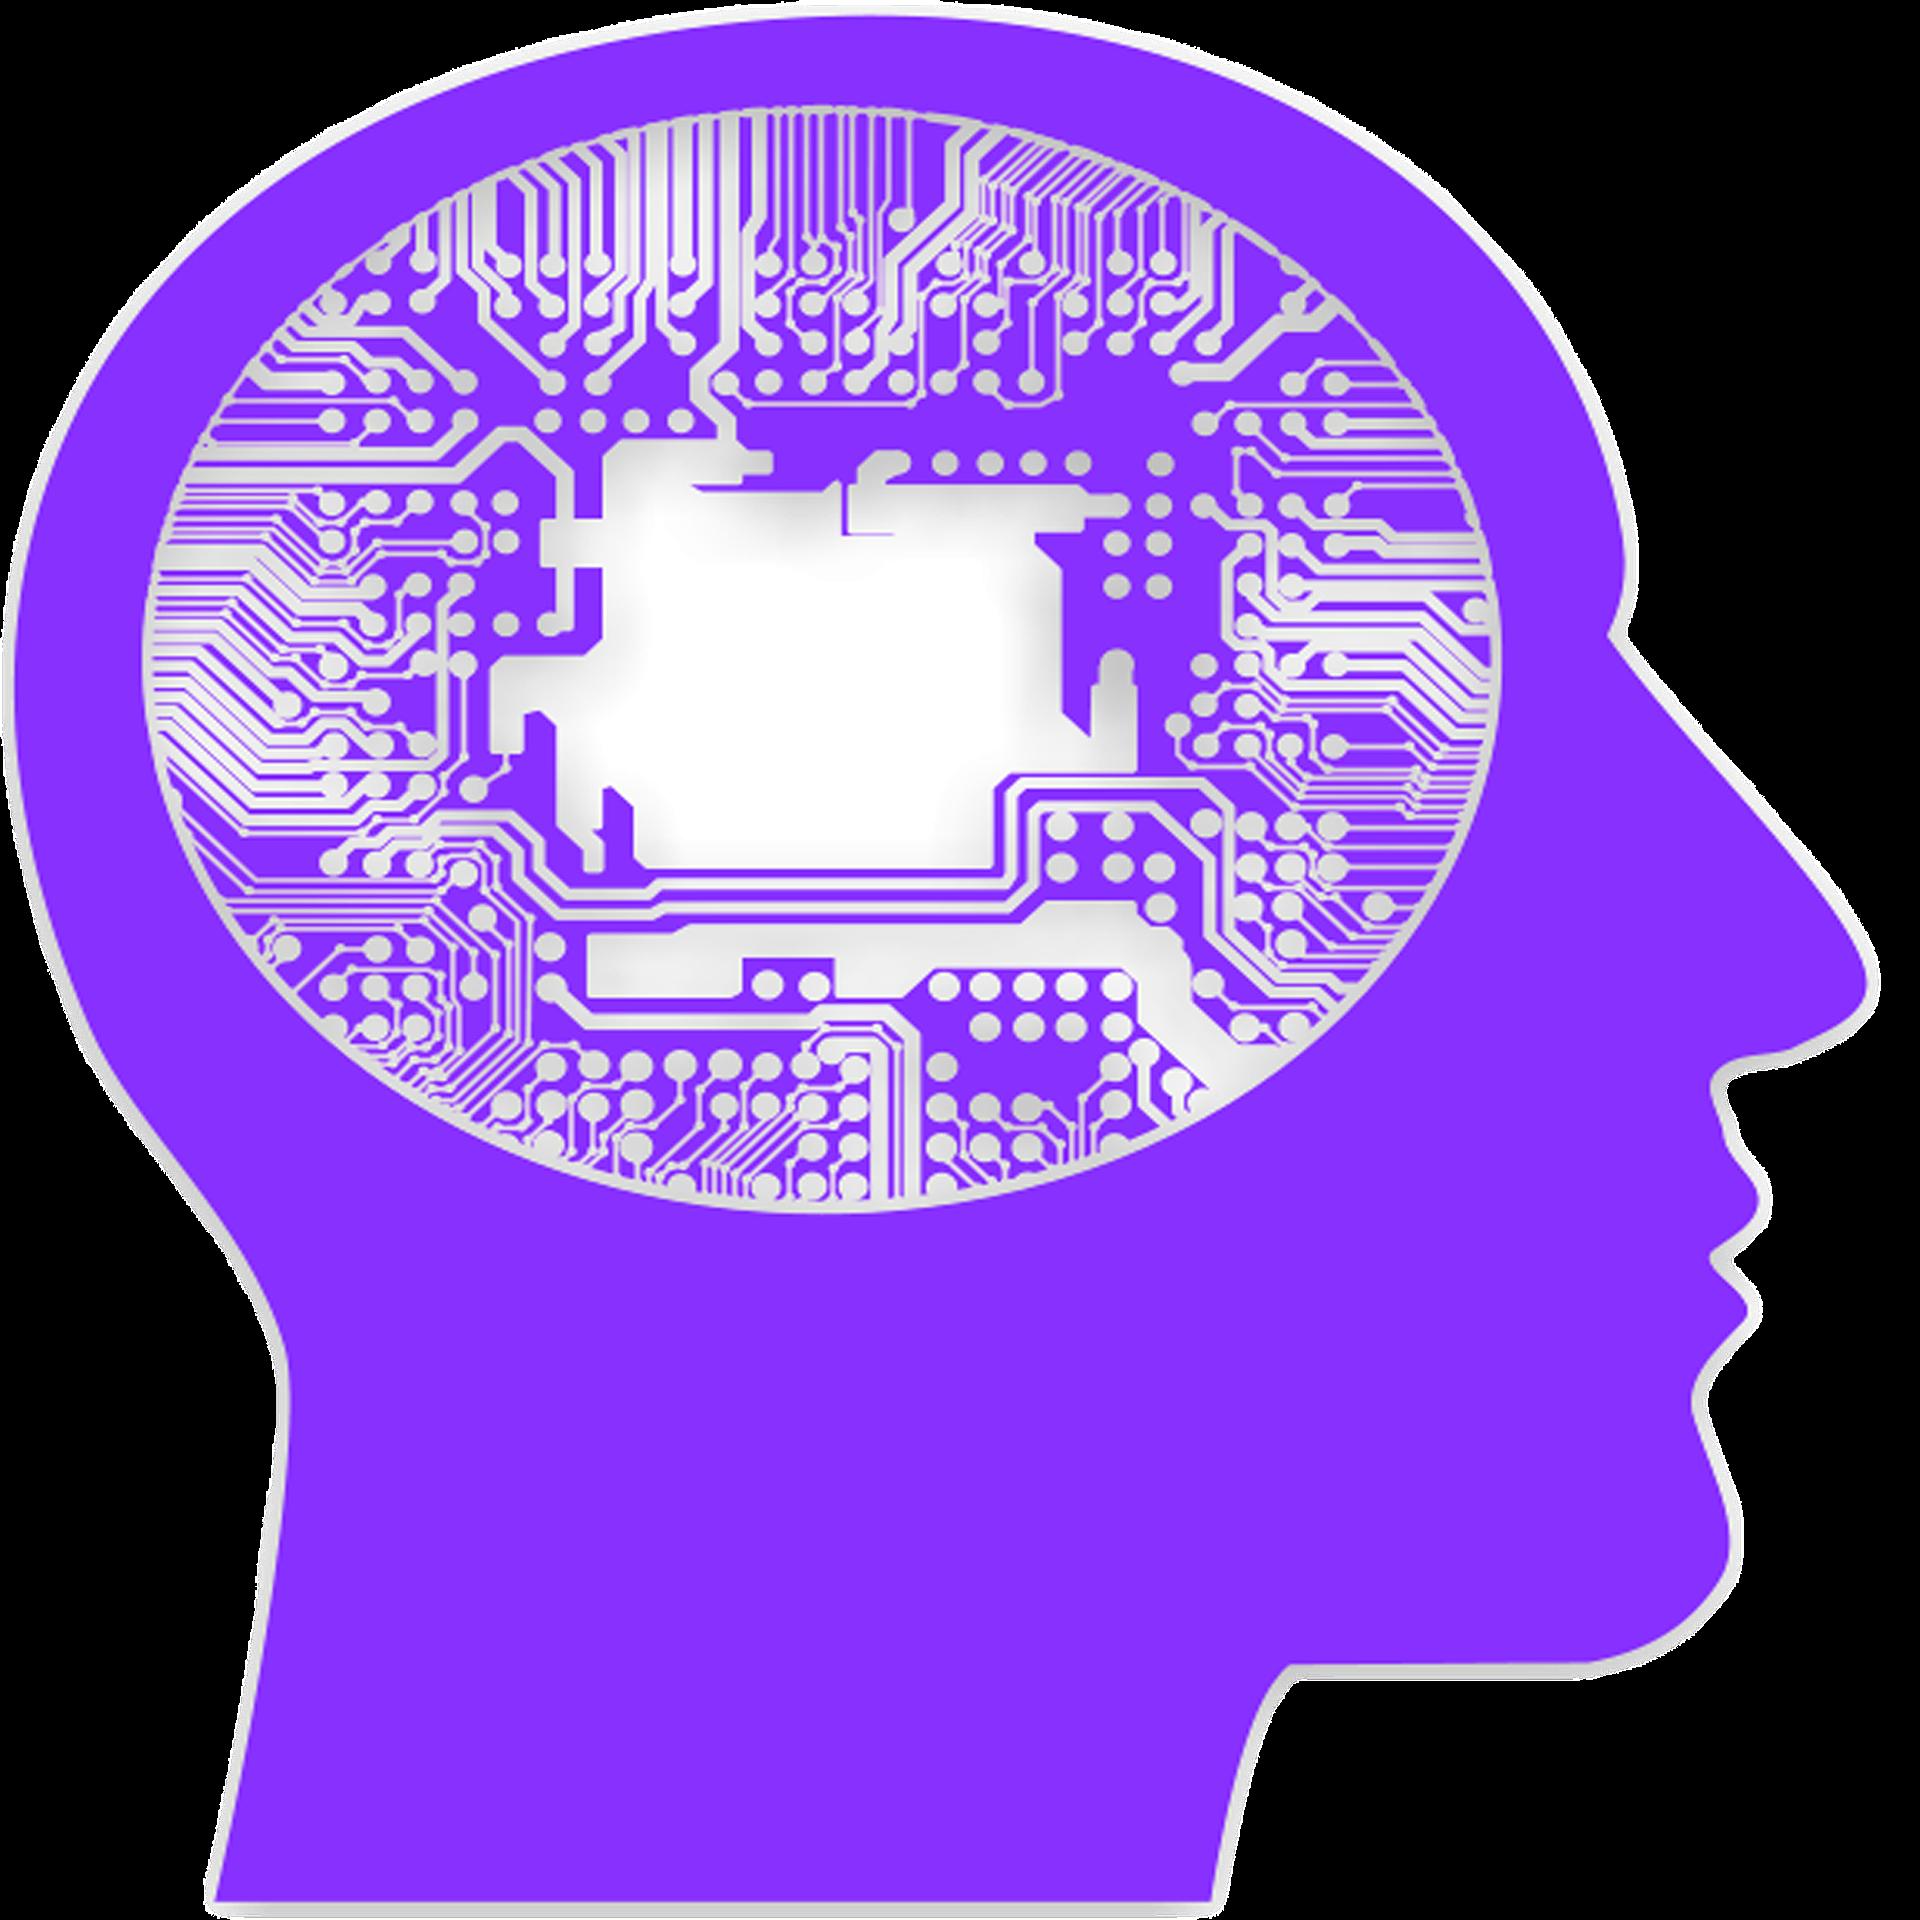 neurodiversity in tech